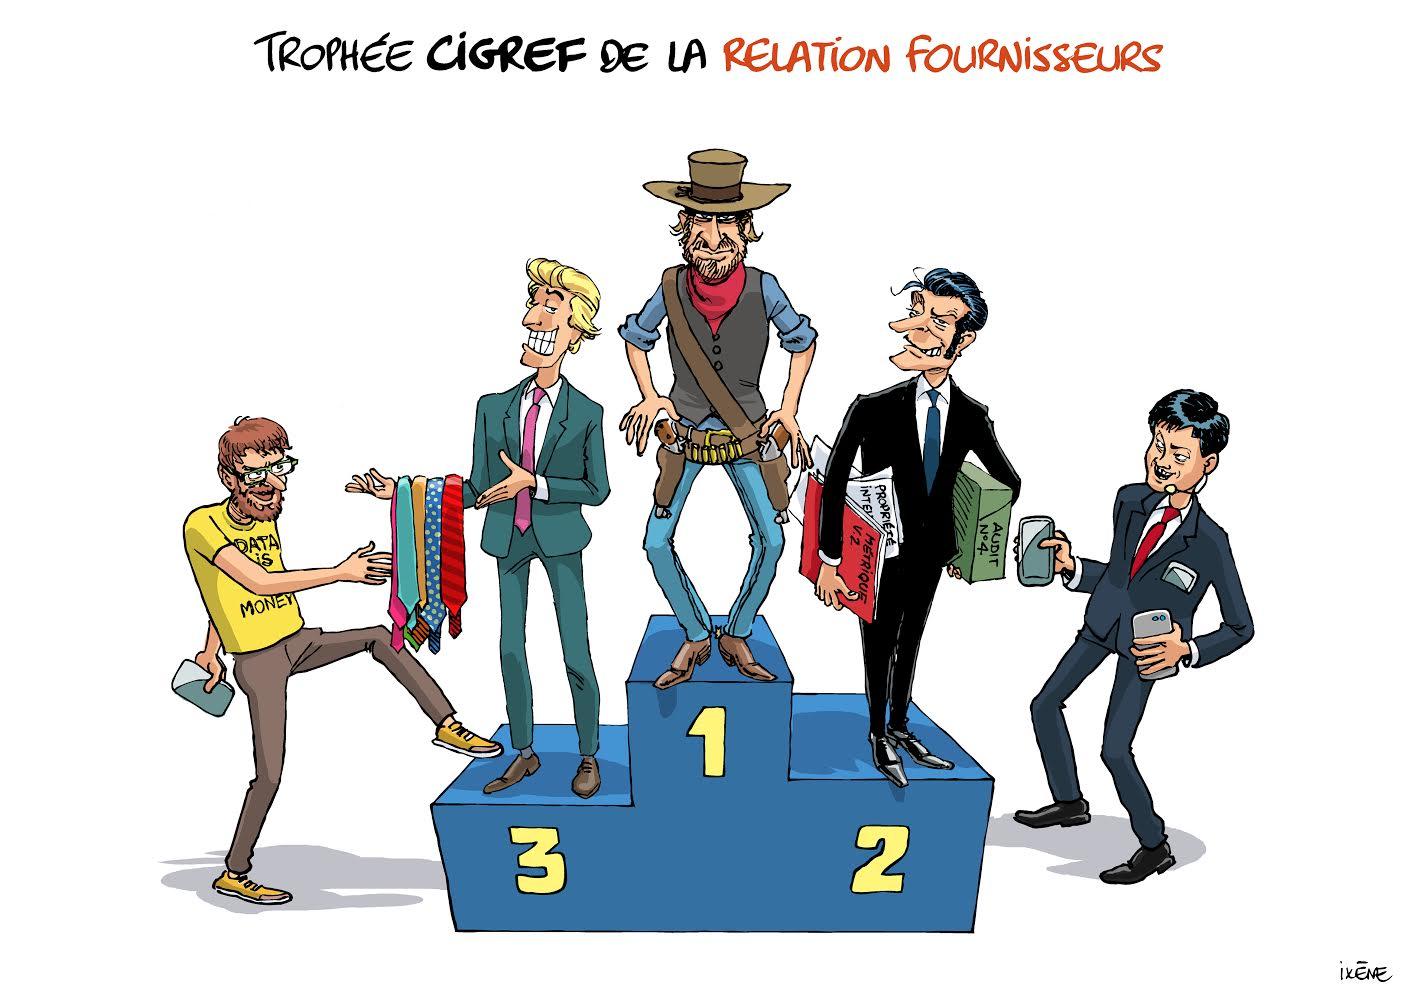 Illustration_Ixene_Relations_fournisseurs_numerique_Cigref